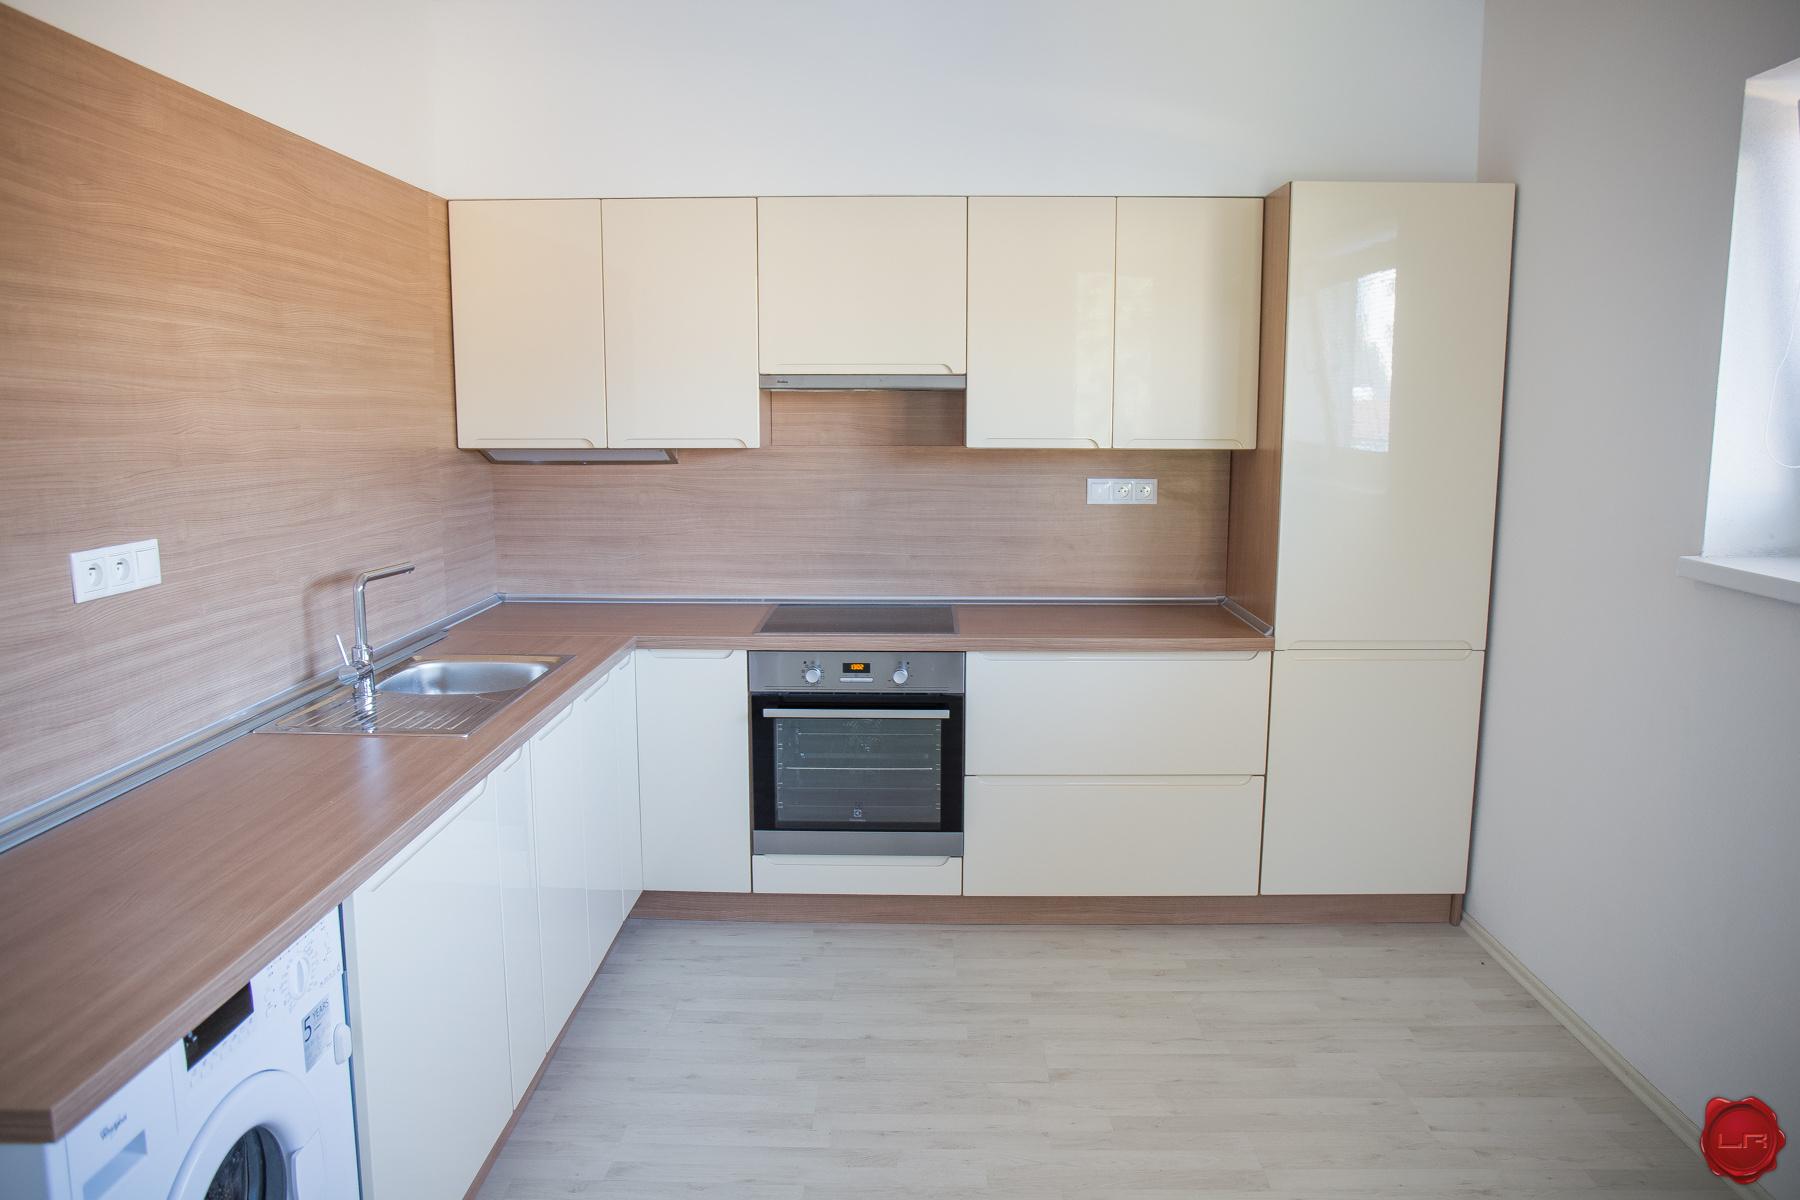 Novostavba 2-izbový byt (57 m2) s loggiou, Poprad Veľká